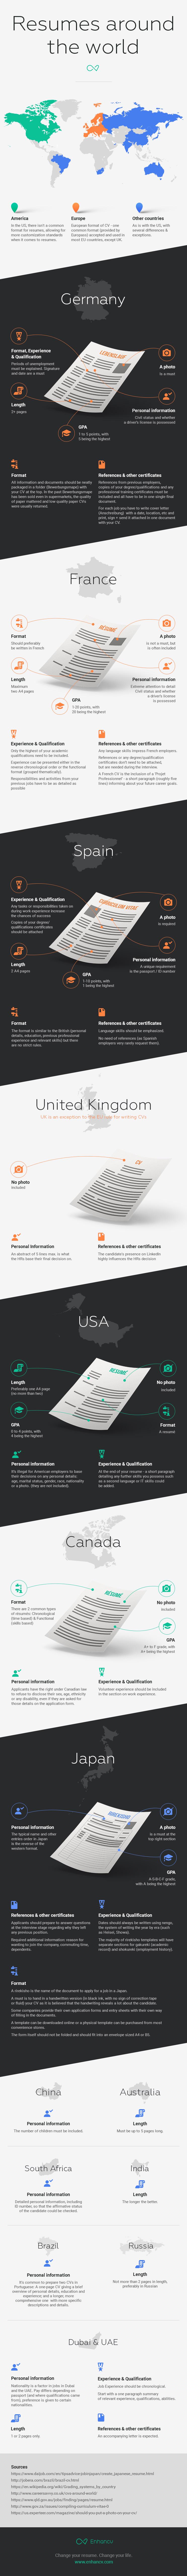 Resumes_around_the_world_infographic